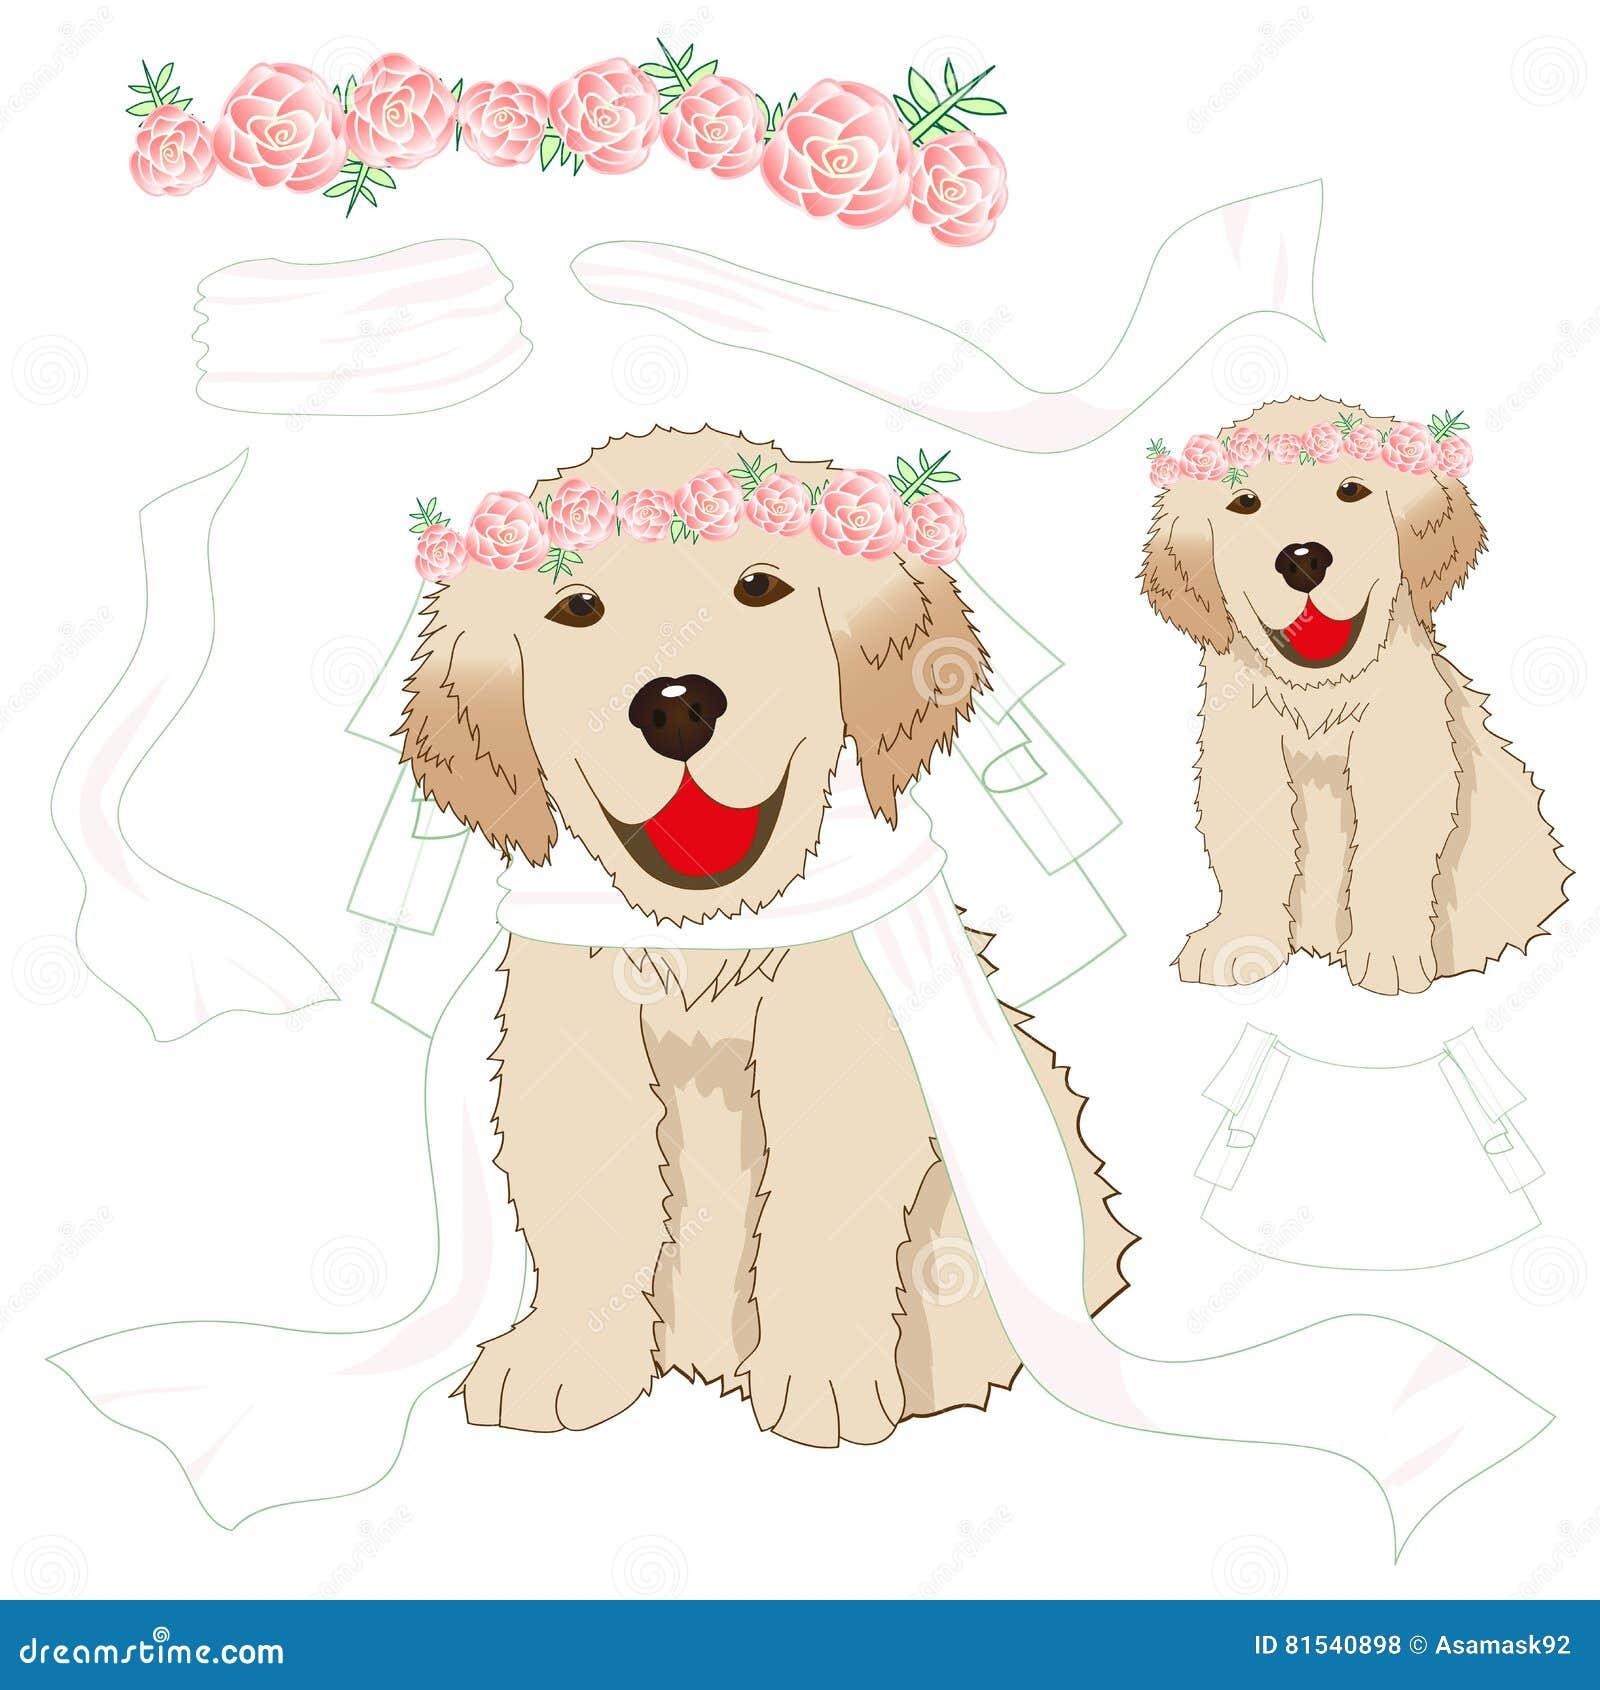 Puppy Golden Retriever Bride With Crown Pink Rose Flower White Veil